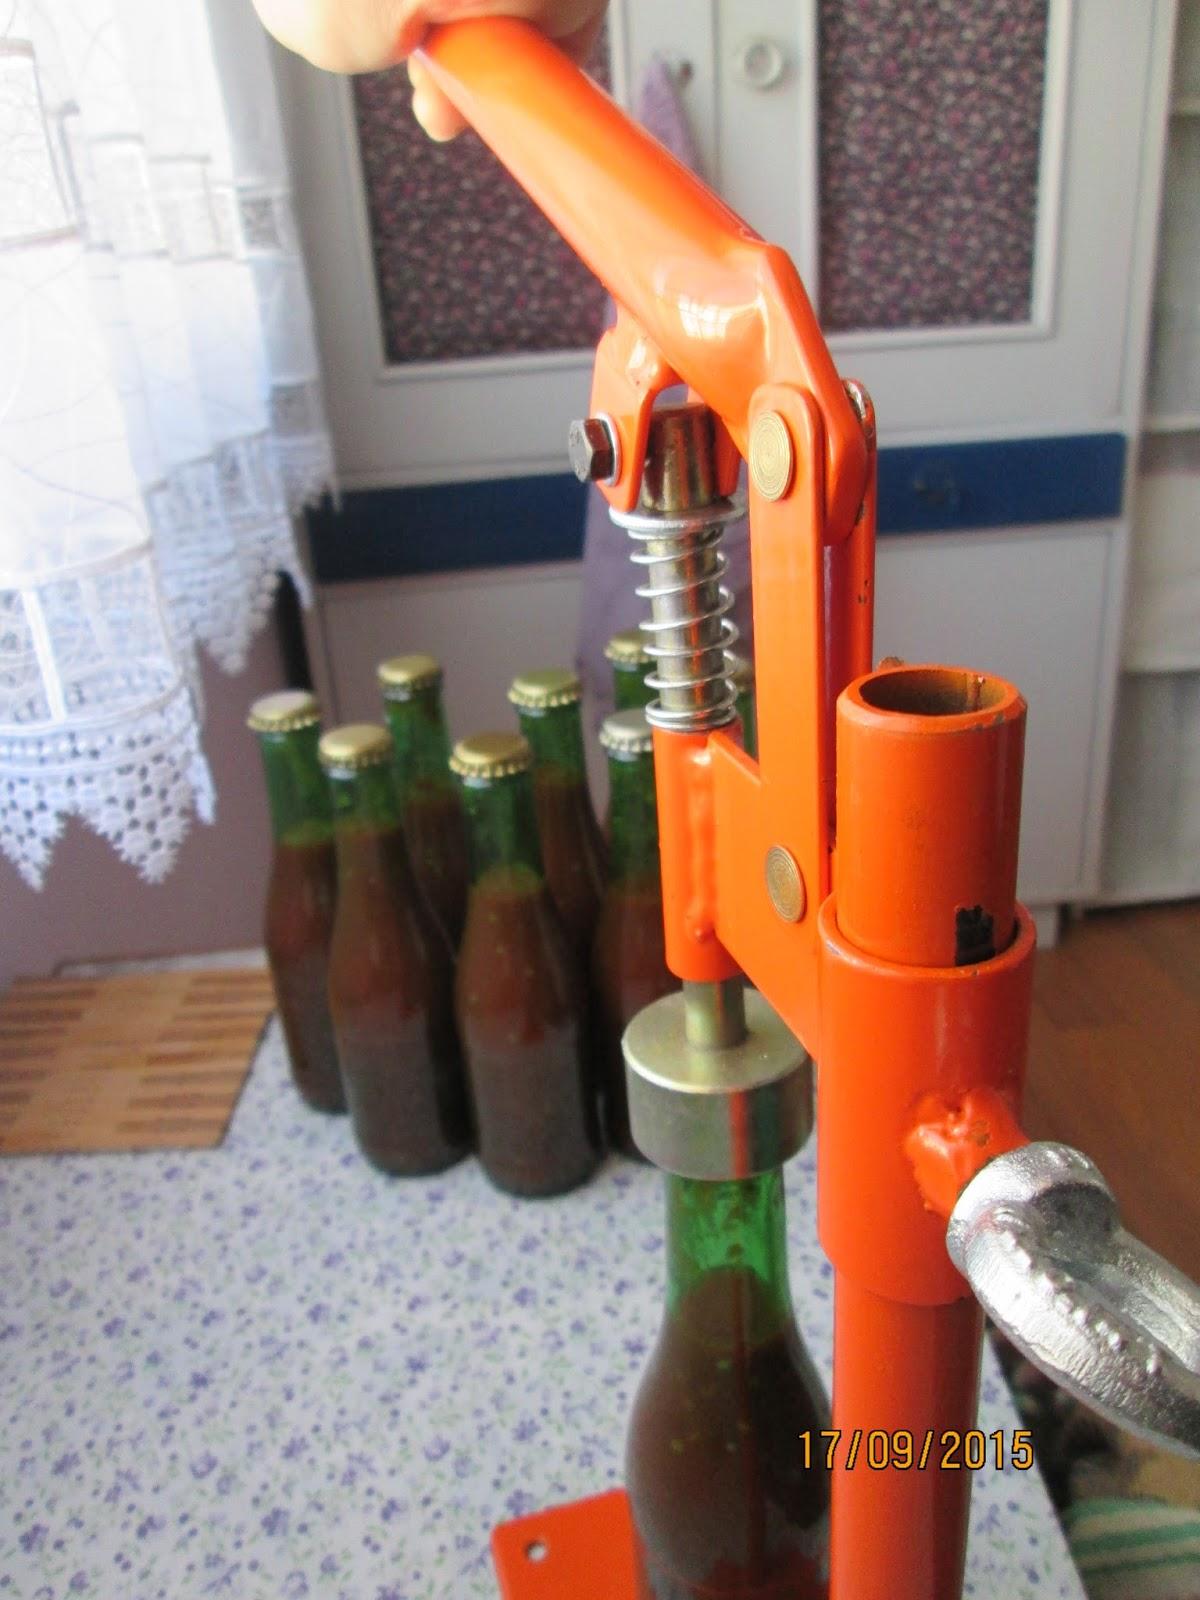 Soda Şişesinde Domates Sosu Yapımı Resimli Tarif